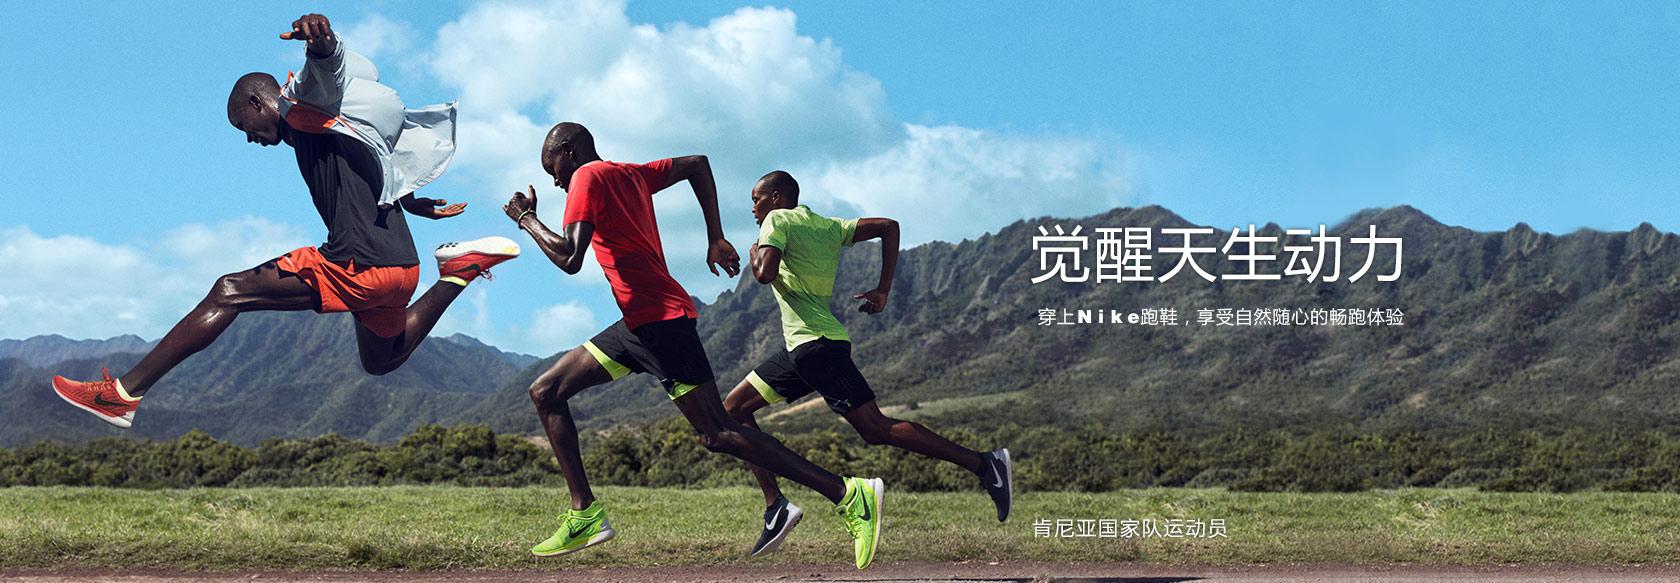 耐克短跑广告海报